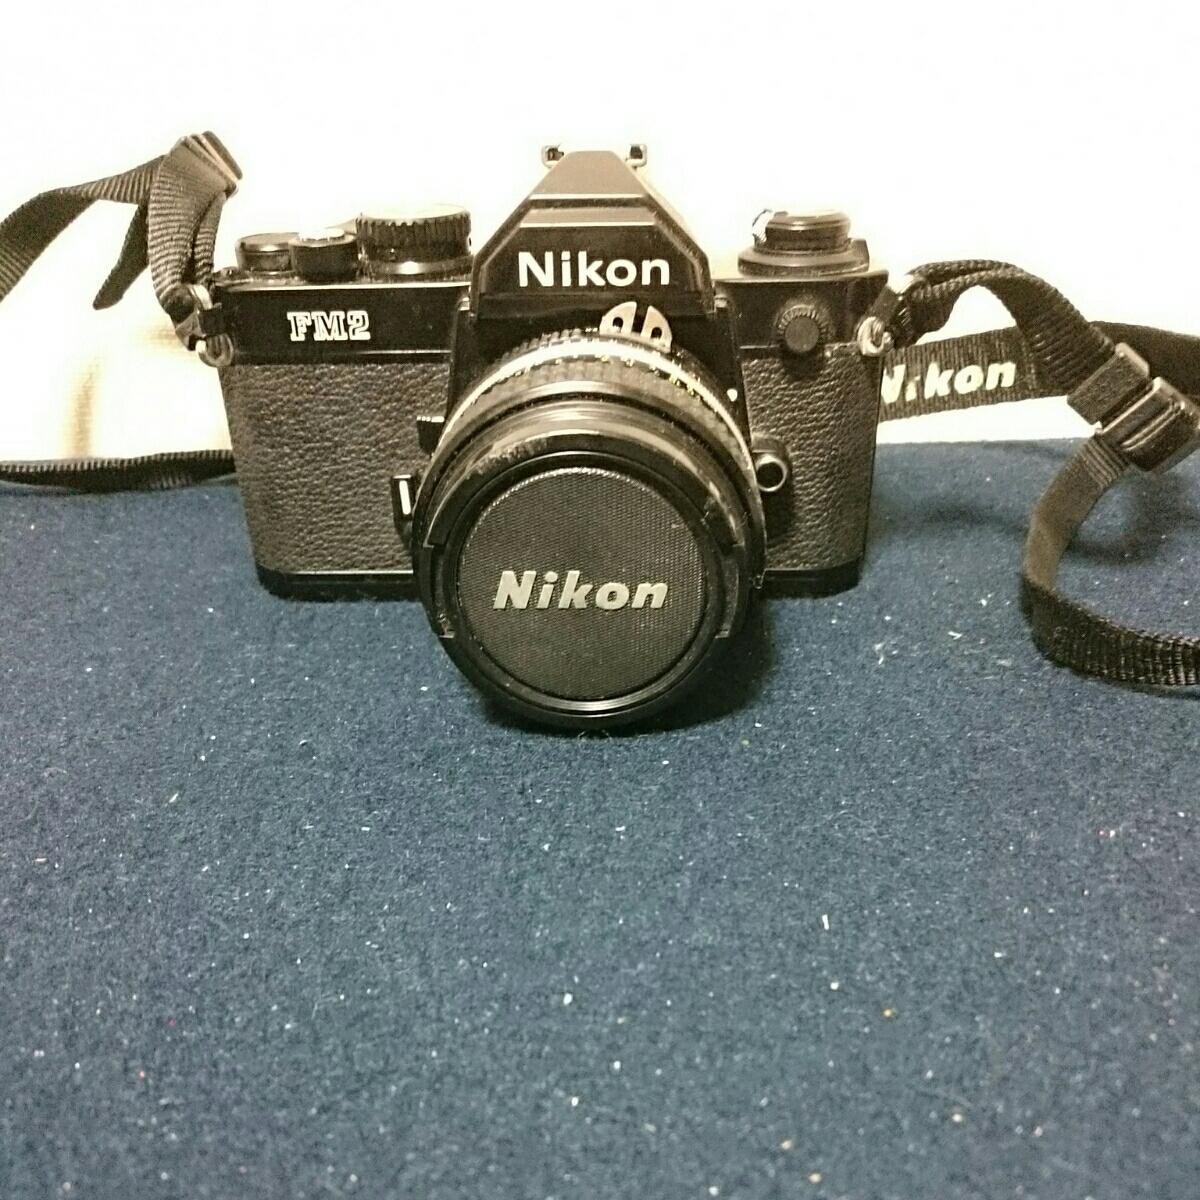 Nikon FM2 ブラックボディ ニコン 一眼レフカメラ 動作未確認 ケース傷みあり